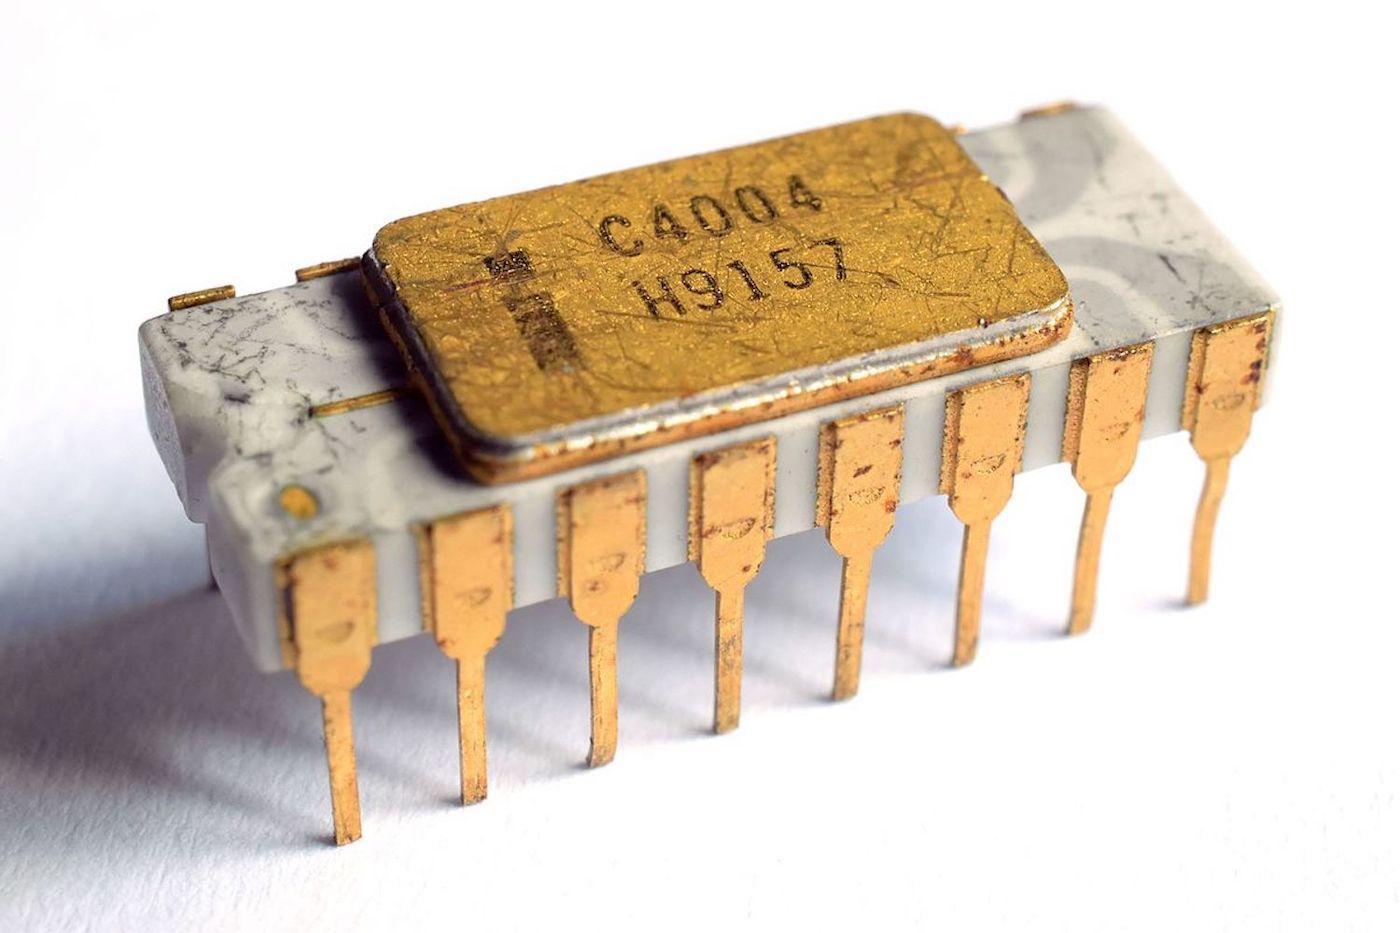 Ted Hoff et le microprocesseur, les coulisses d'une révolution technologique